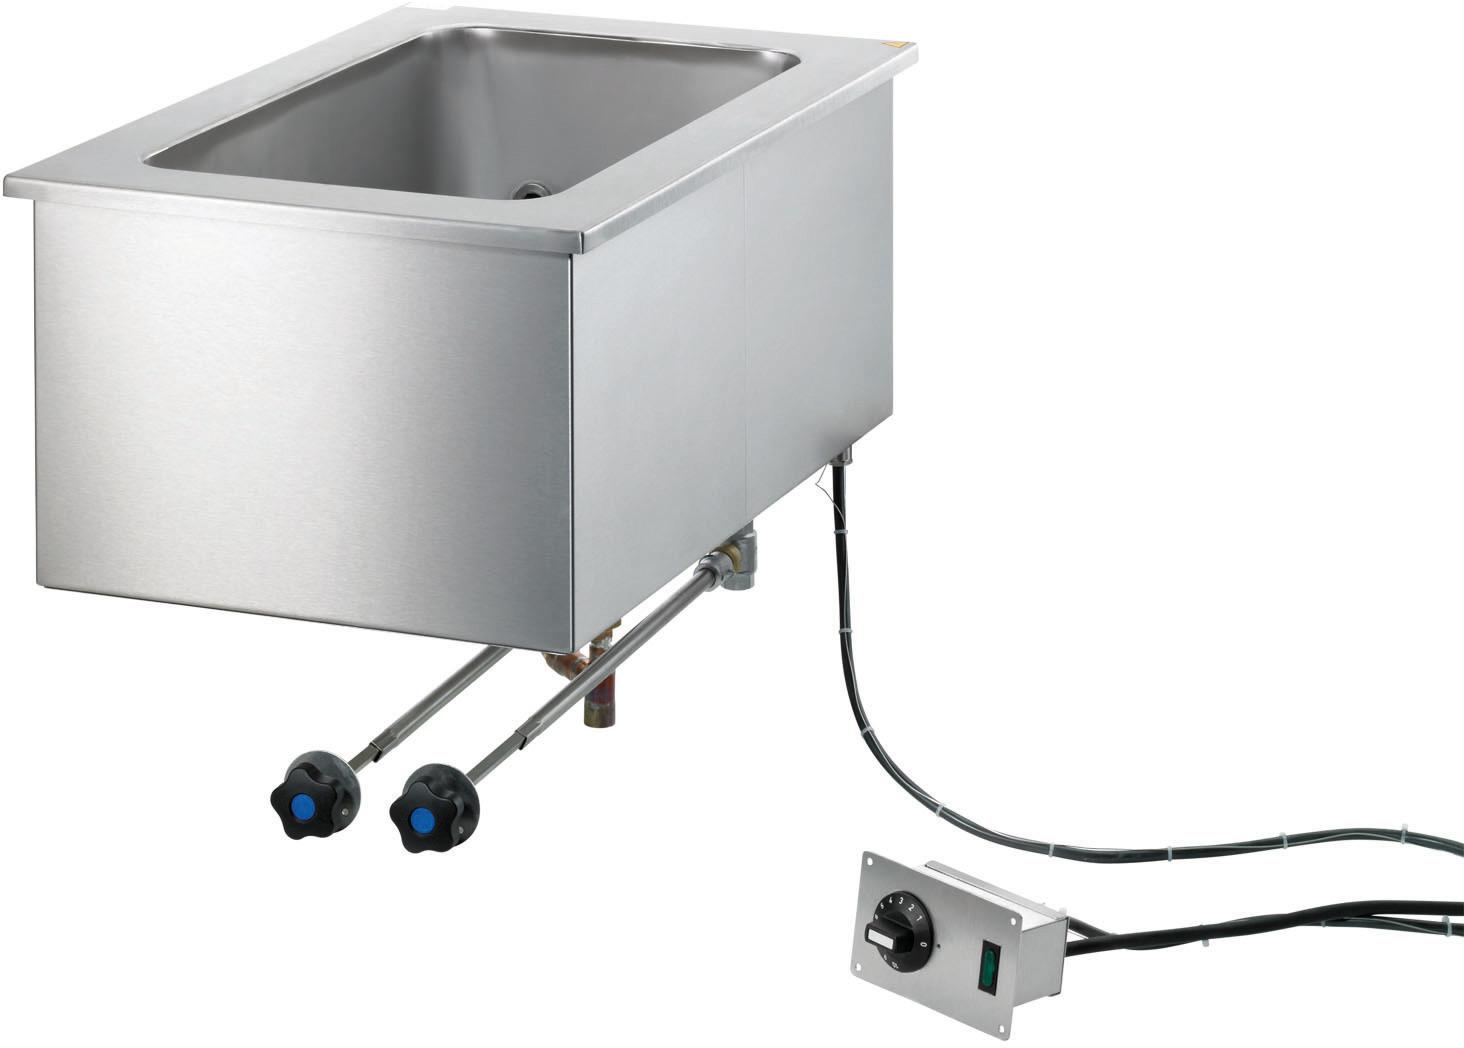 Elektro-Bain Marie Einbaugerät 3 x GN  1/1 - 200 mm tief / stationäre Befüllung